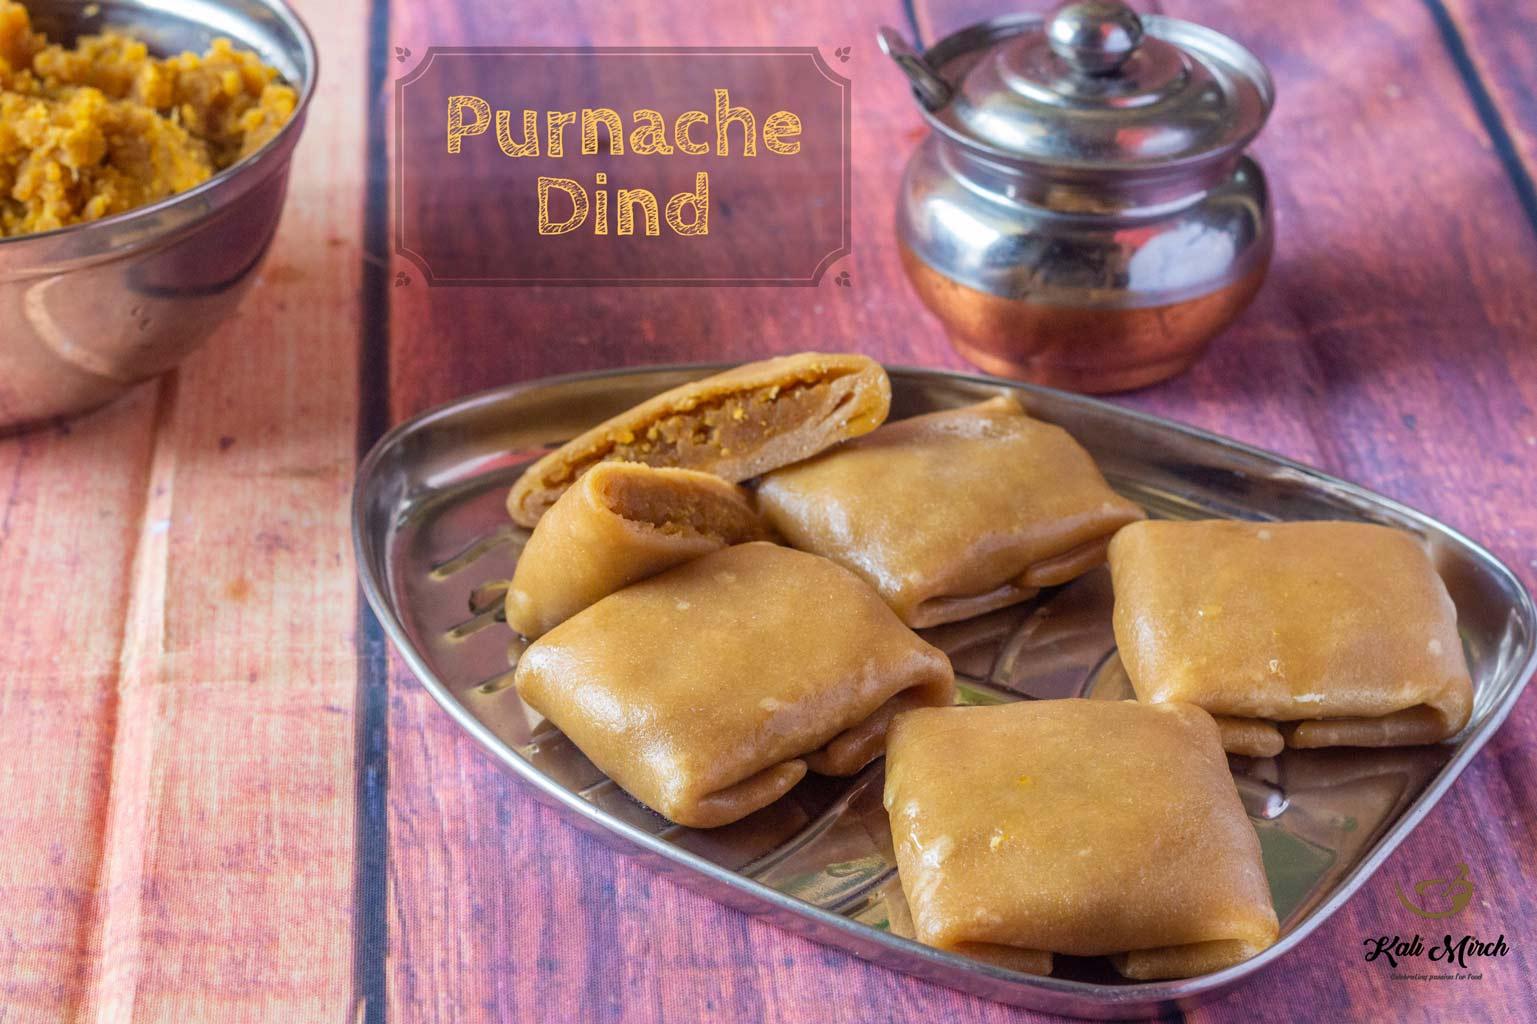 Puranache Dind